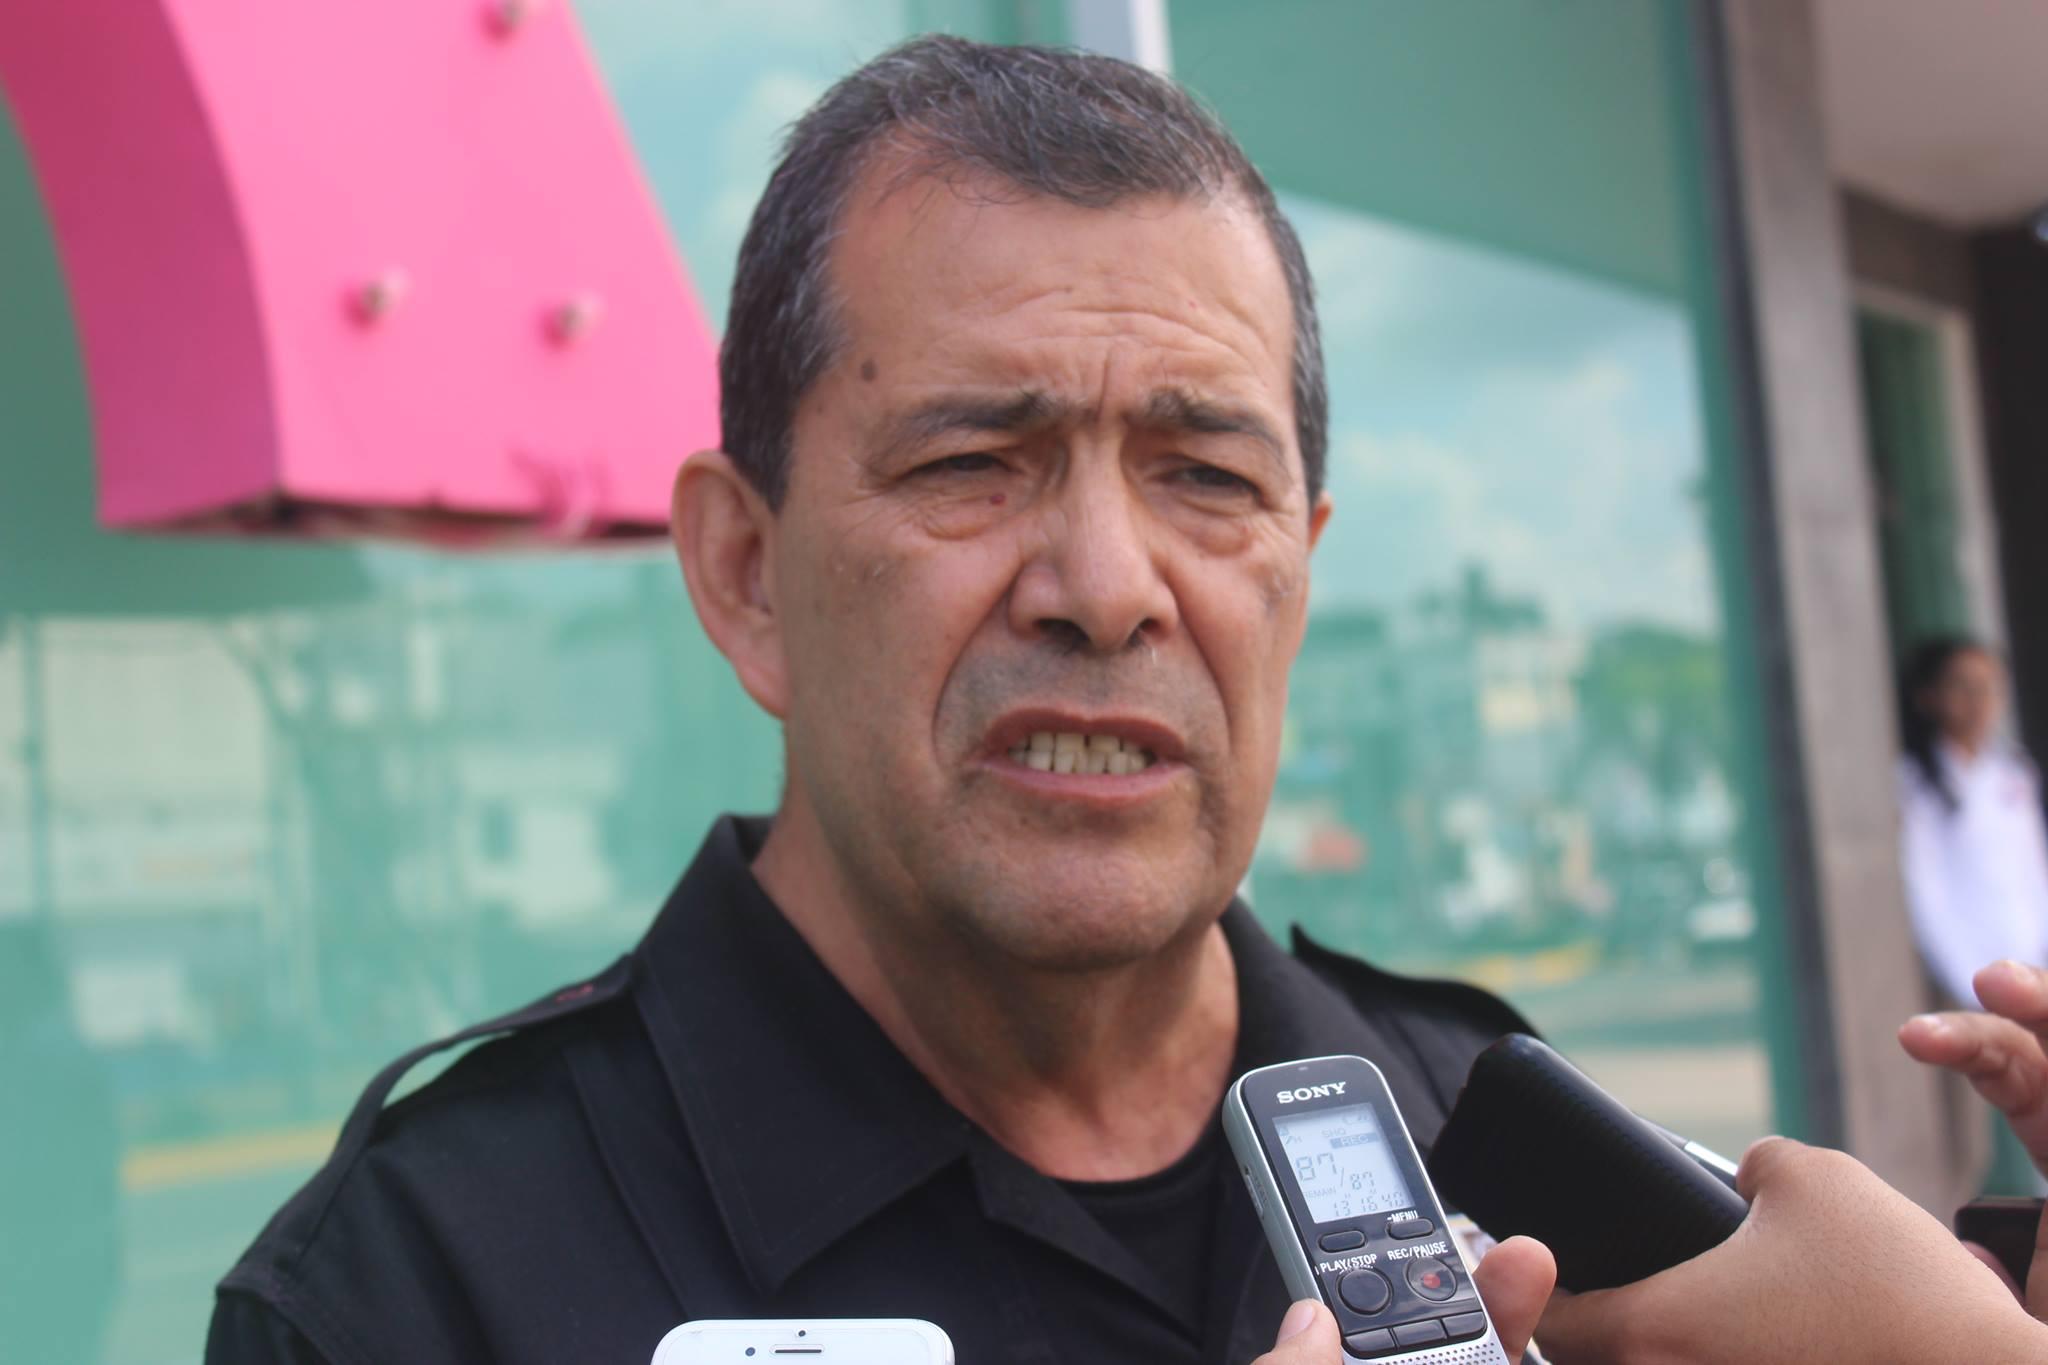 capitan-alberto-cevallos-ortiz-delegado-regional-de-la-policia-estatal-en-la-zona-sur-de-tamaulipas